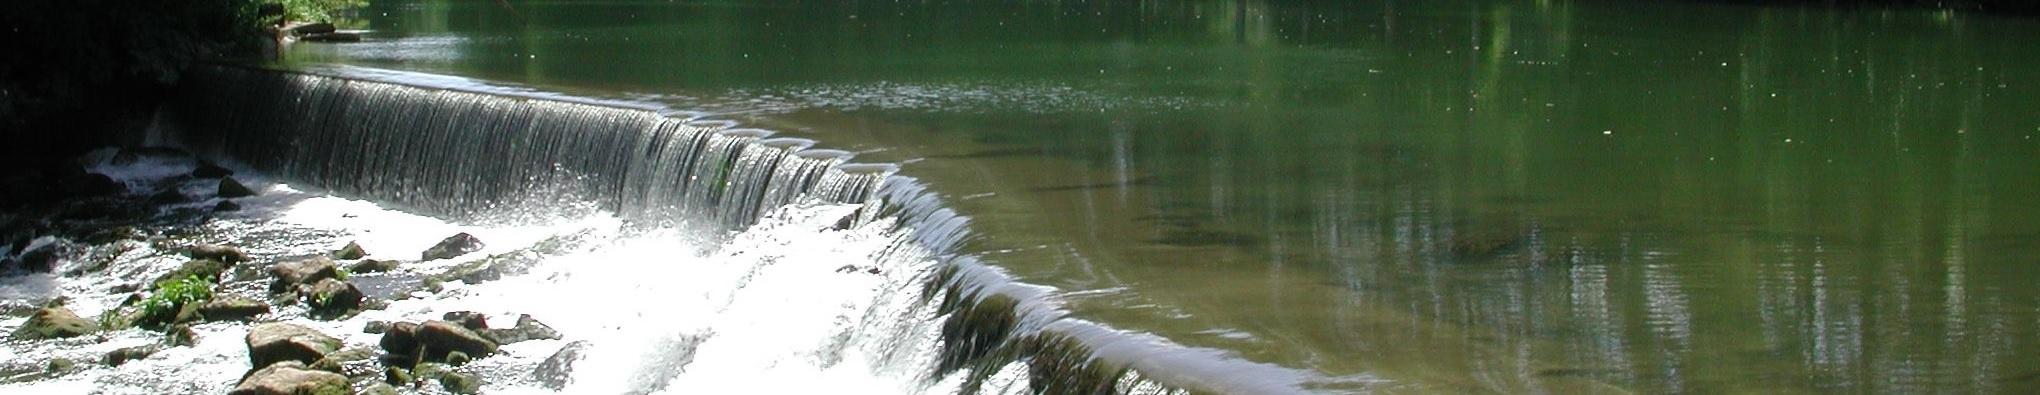 Un des barrage du Clain au niveau de la Pierrière